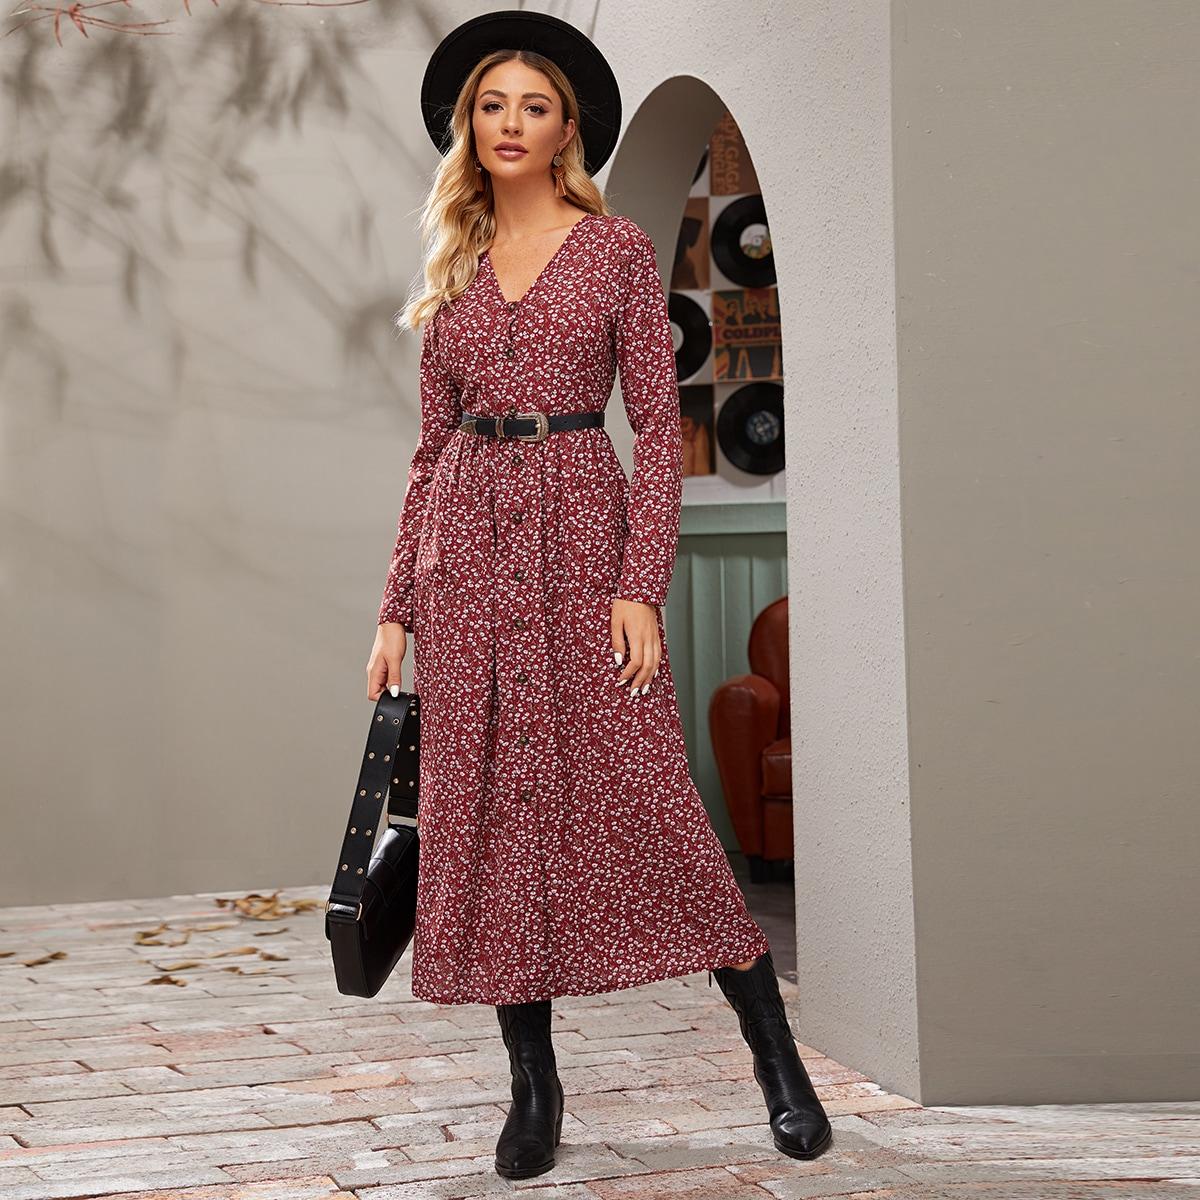 Цветочное платье с v-образным вырезом и пуговицами без пояса